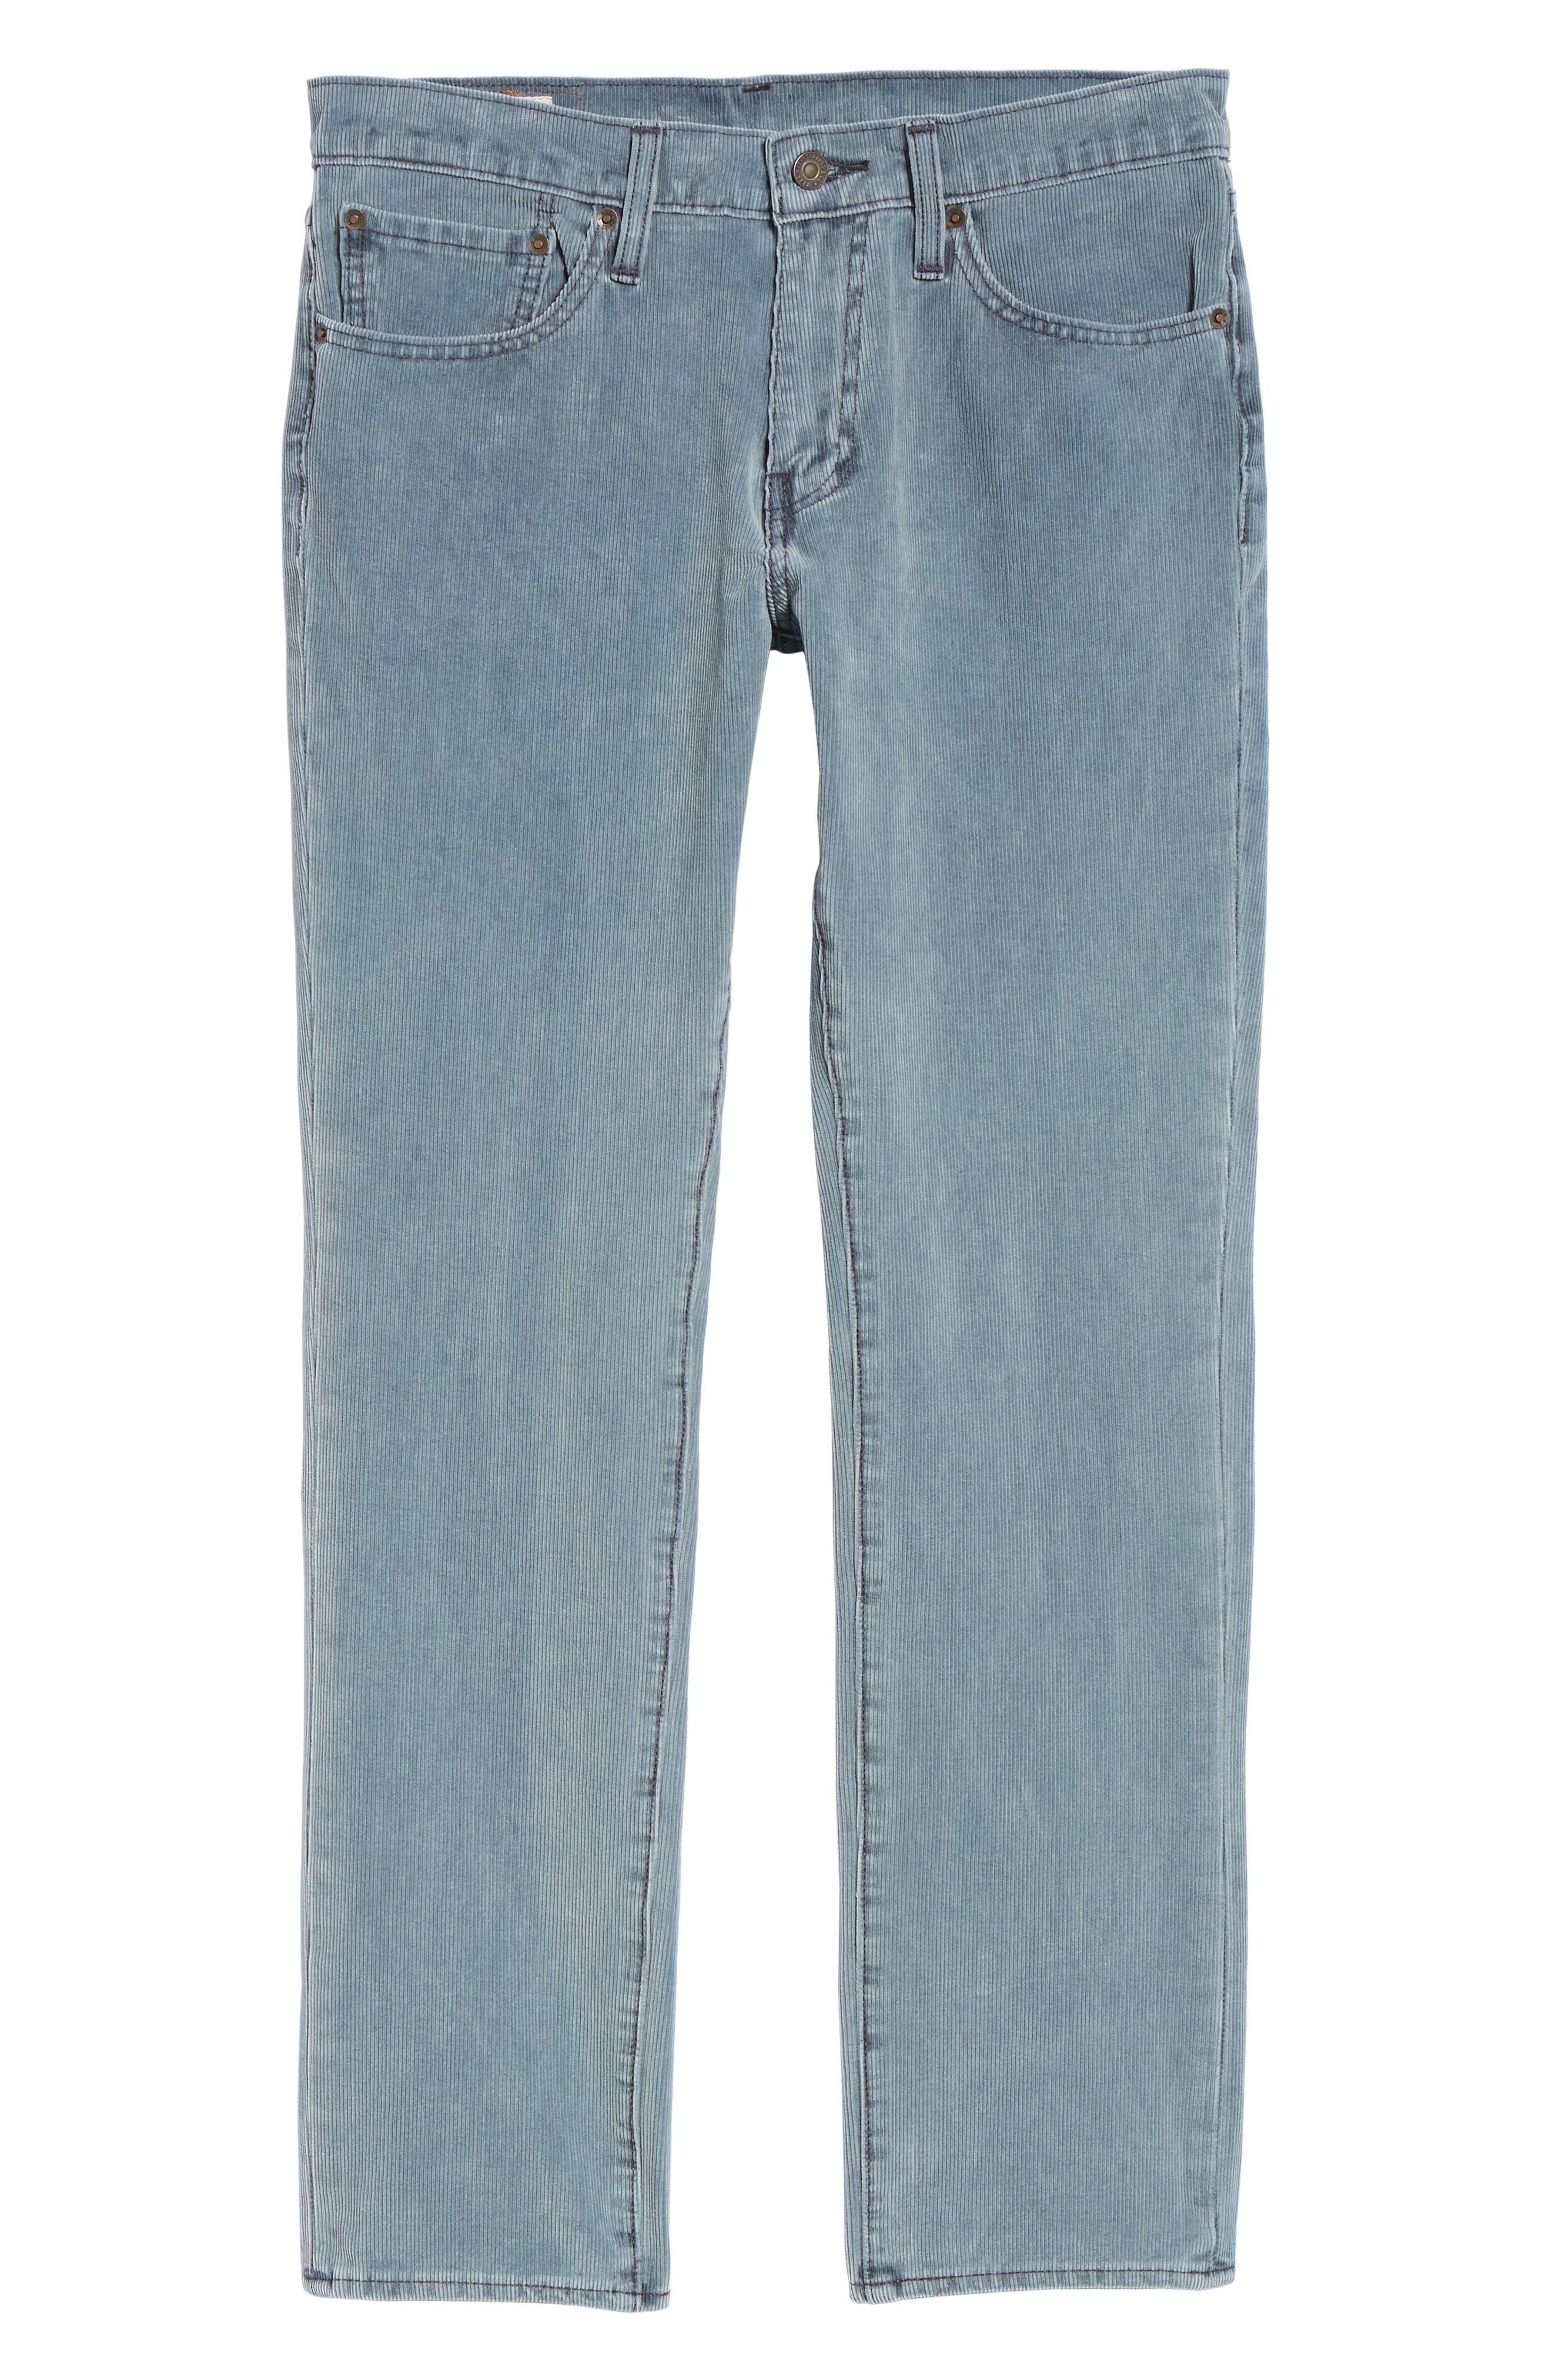 511<sup>™</sup> Slim Fit Corduroy Jeans,                             Alternate thumbnail 6, color,                             OMBRE BLUE WARP CORDUROY